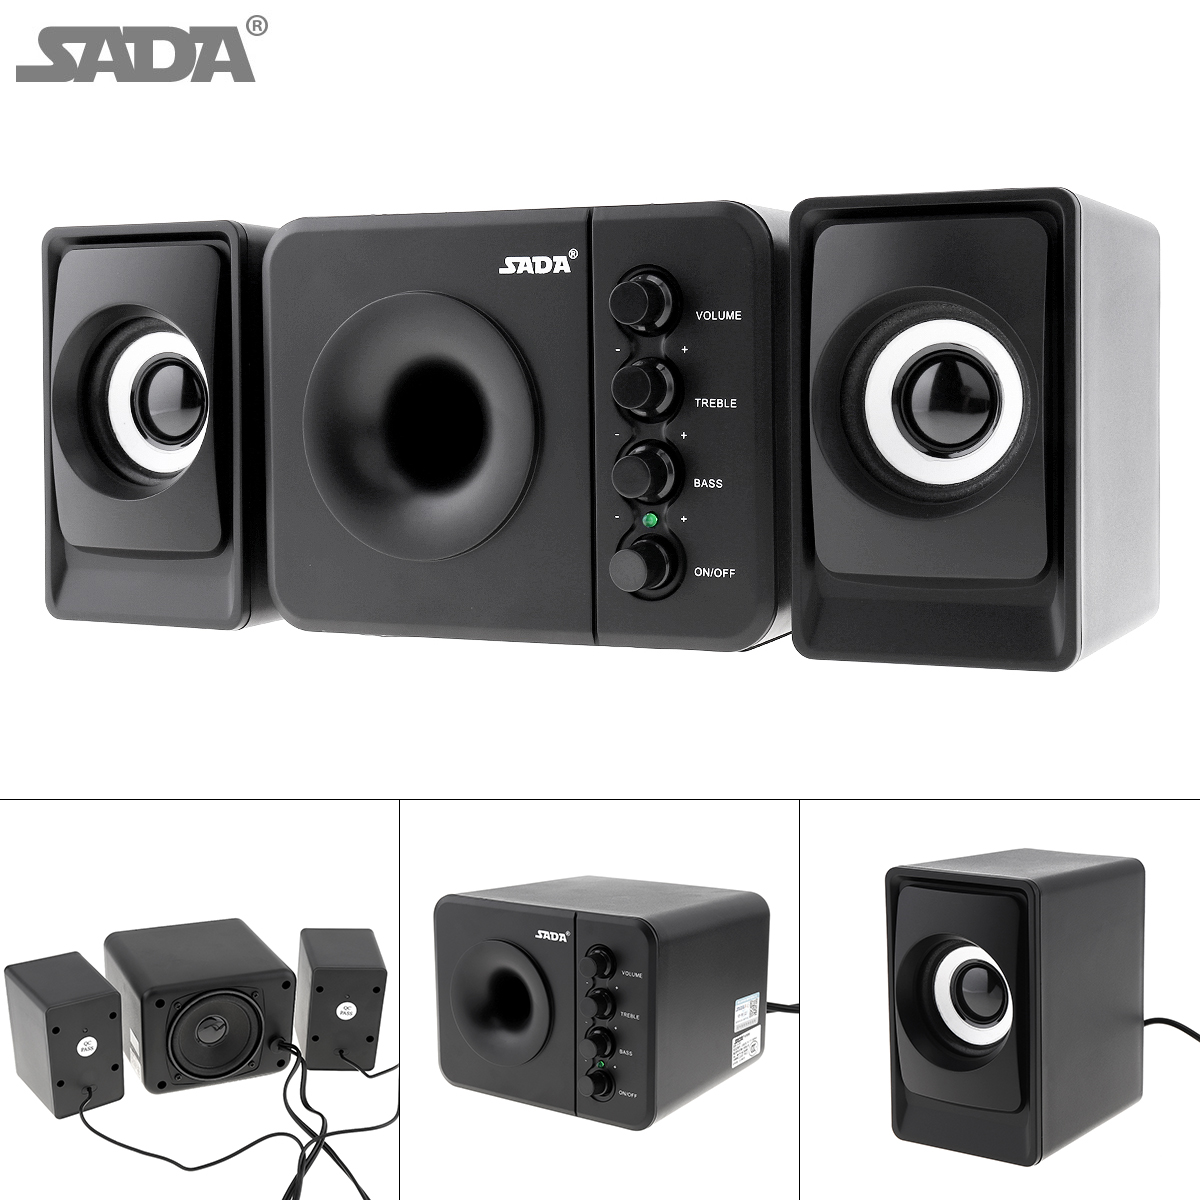 SADA D-205, новинка, полный спектр, 3D стерео сабвуфер, 100% басов, ПК, динамик, портативный, музыка, DJ, USB, компьютерные колонки для ноутбука, телевизо...